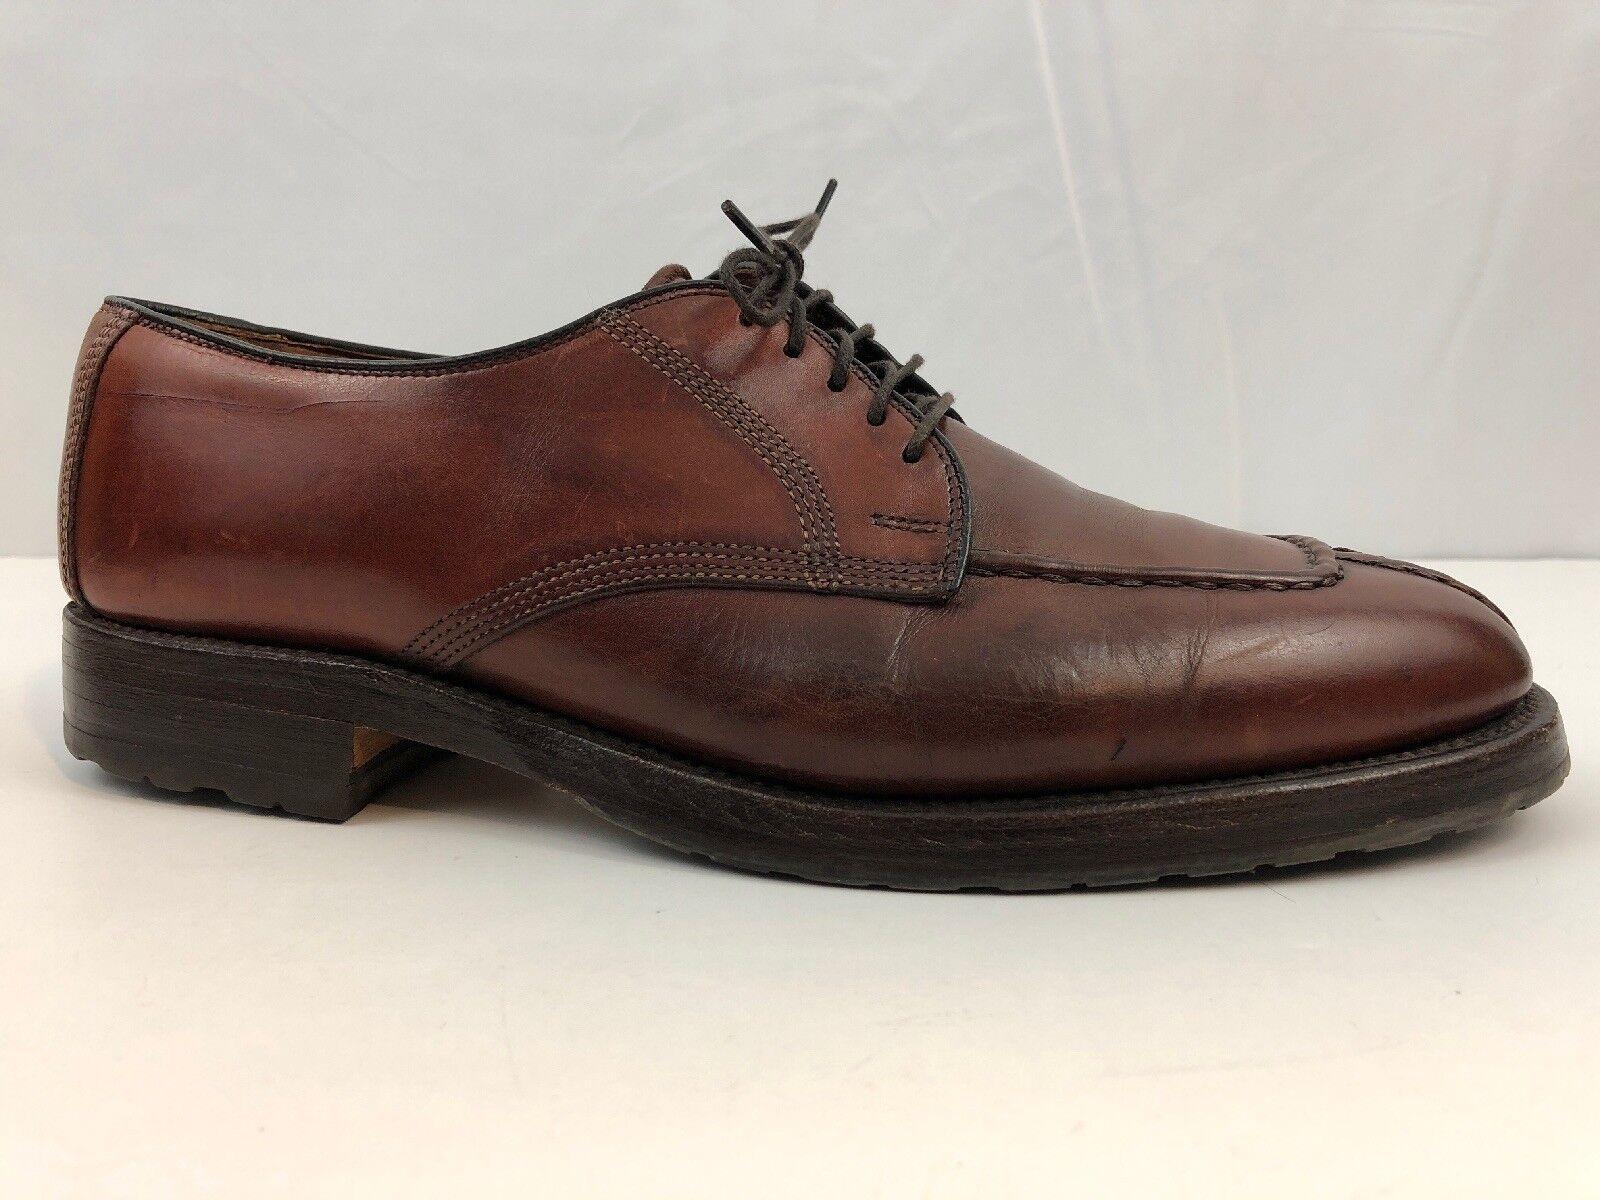 Allen Edmonds Dellwood Mens Brown Leather Split Toe Oxford Dress Casual shoes 9D